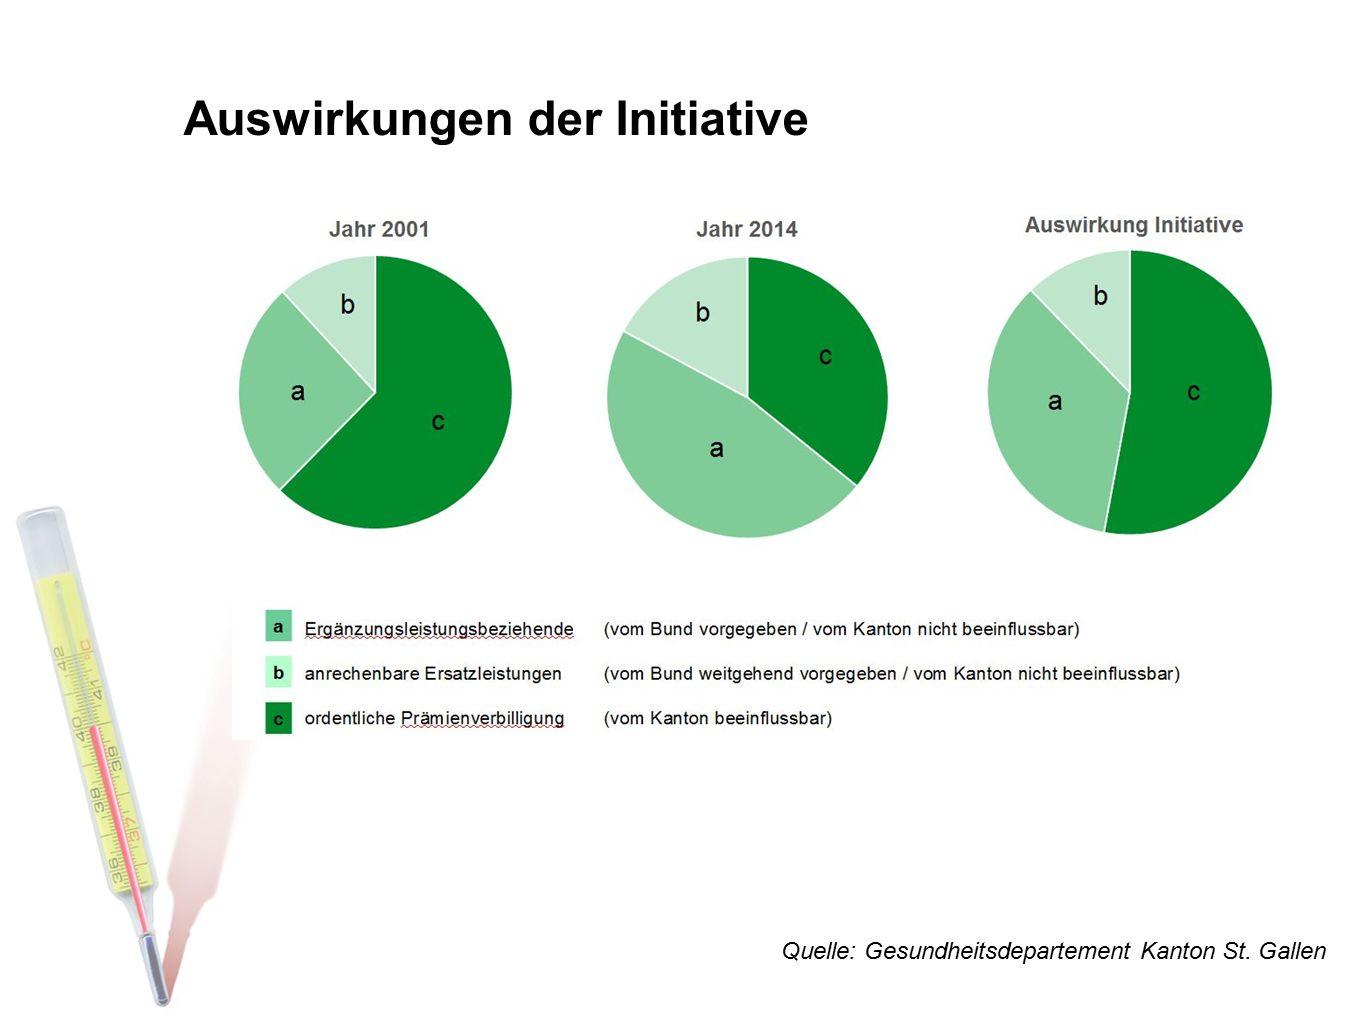 Auswirkungen der Initiative